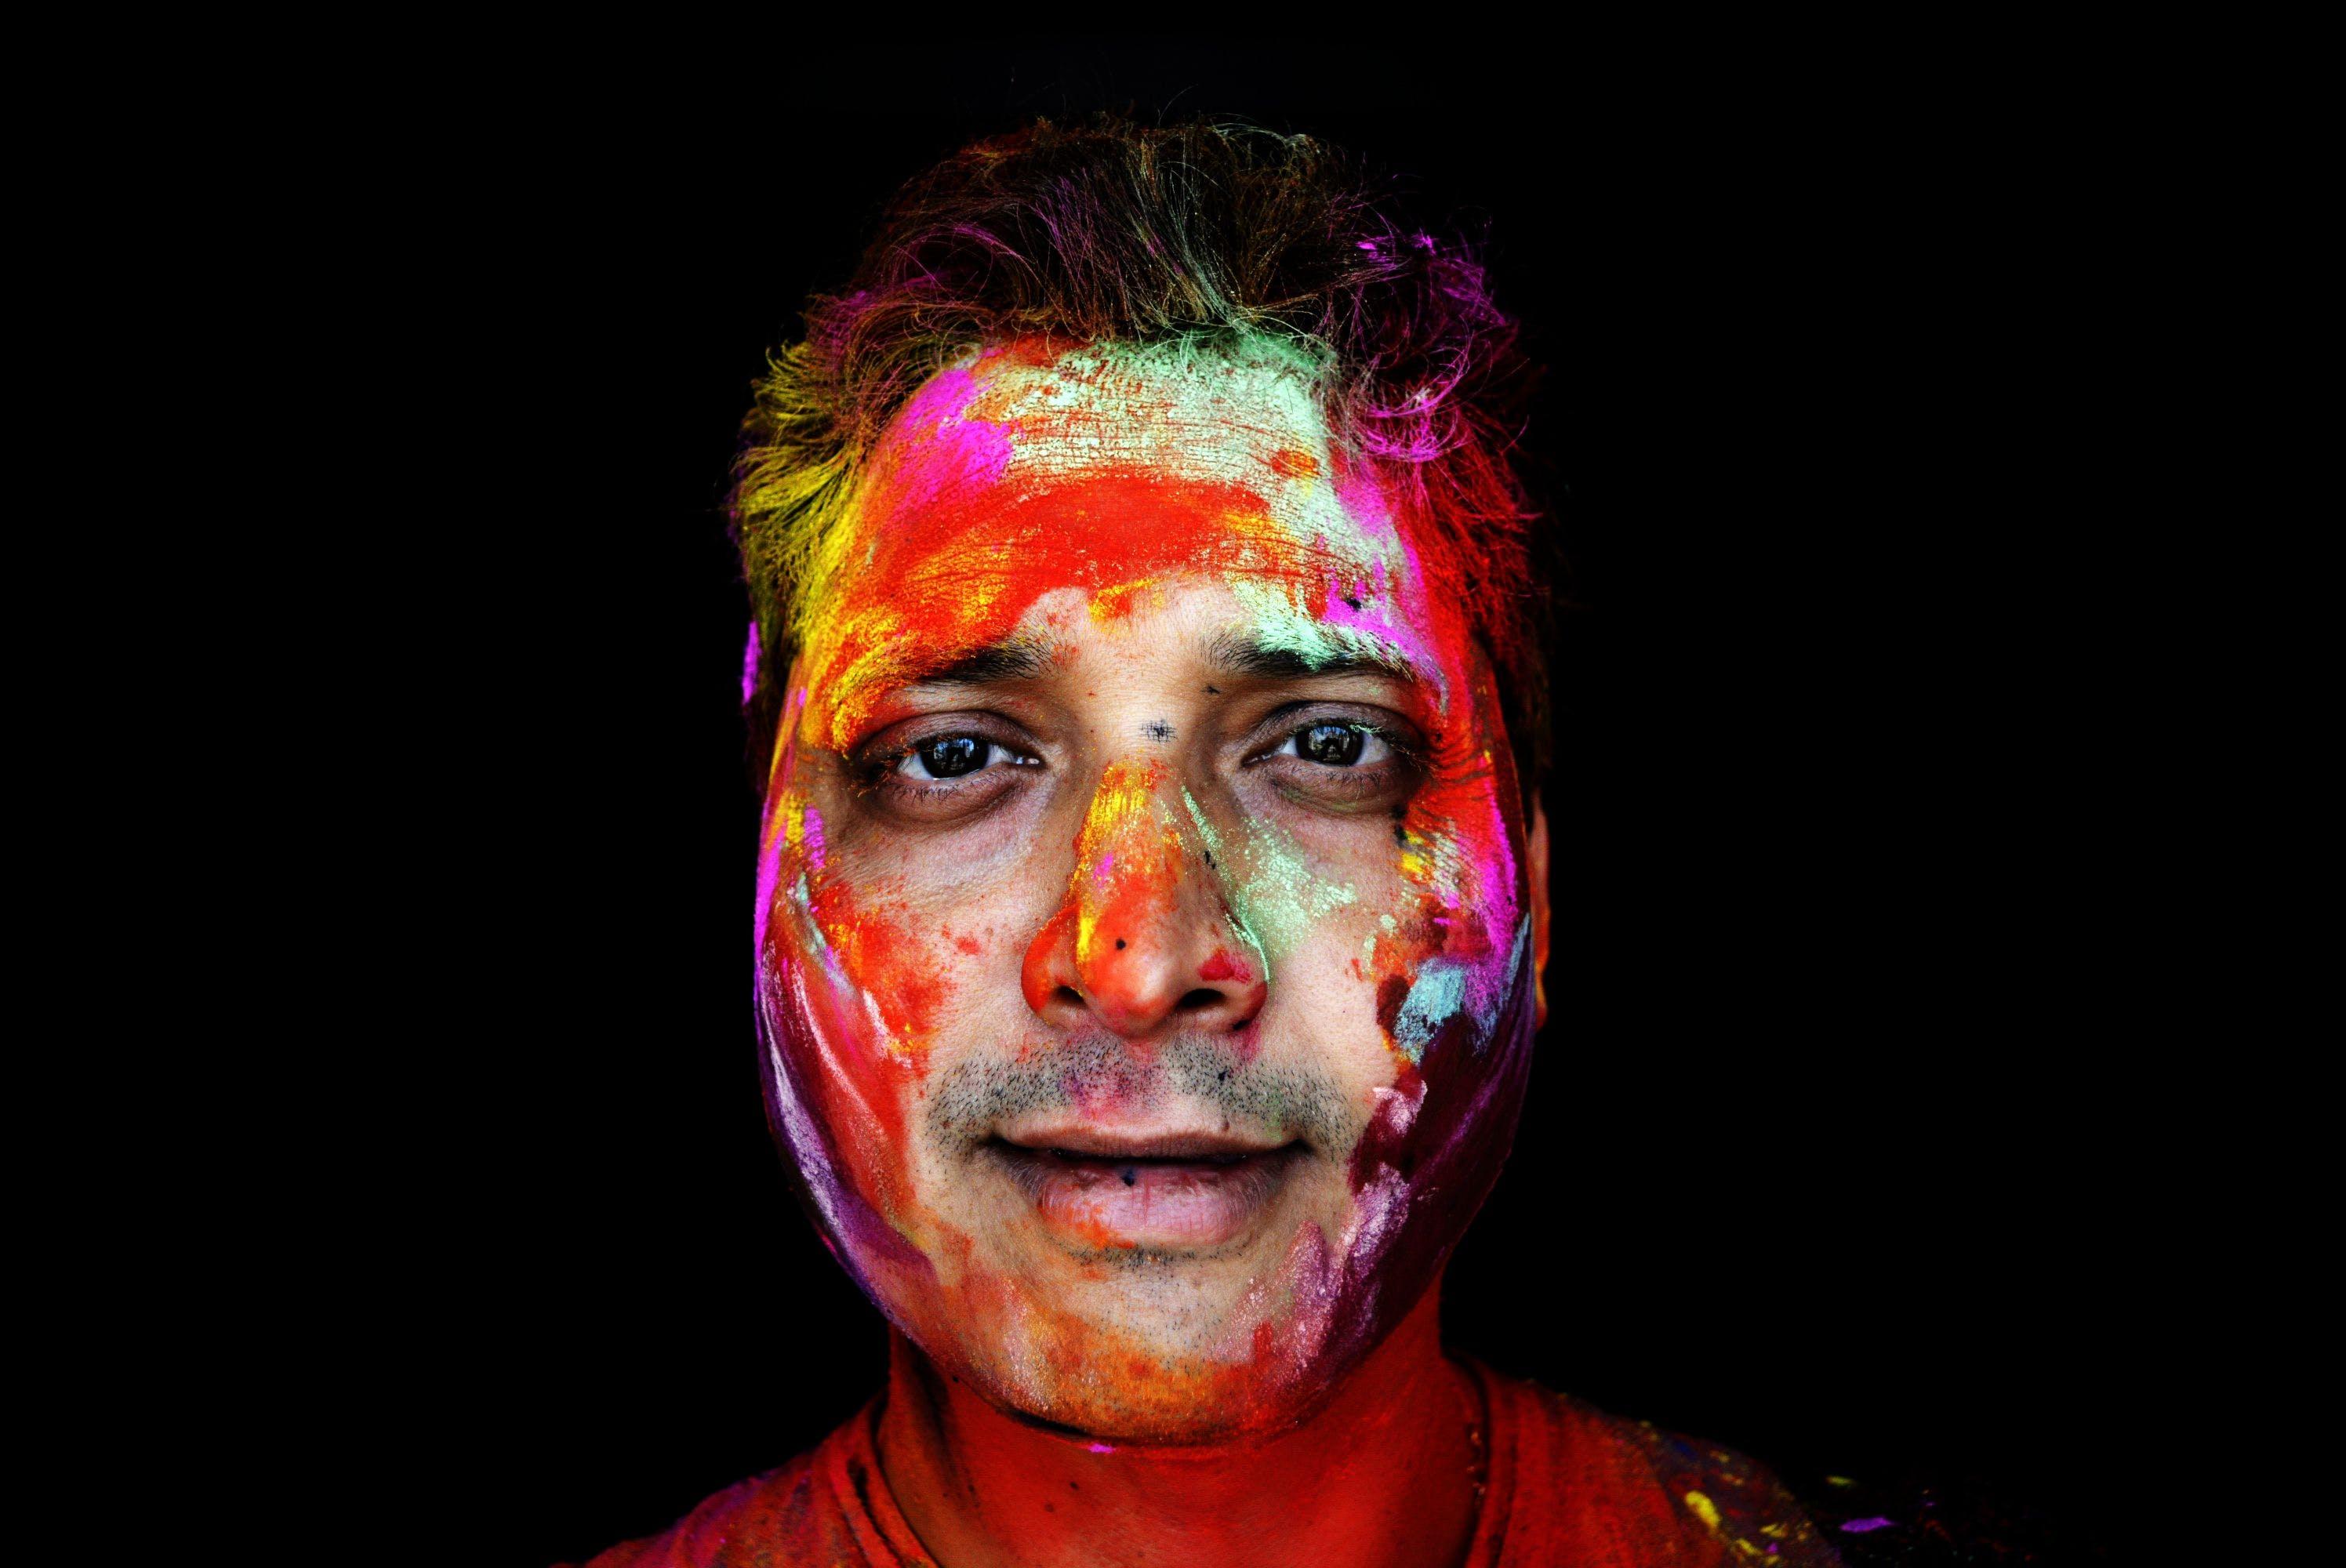 barevný, malování, malování na obličej